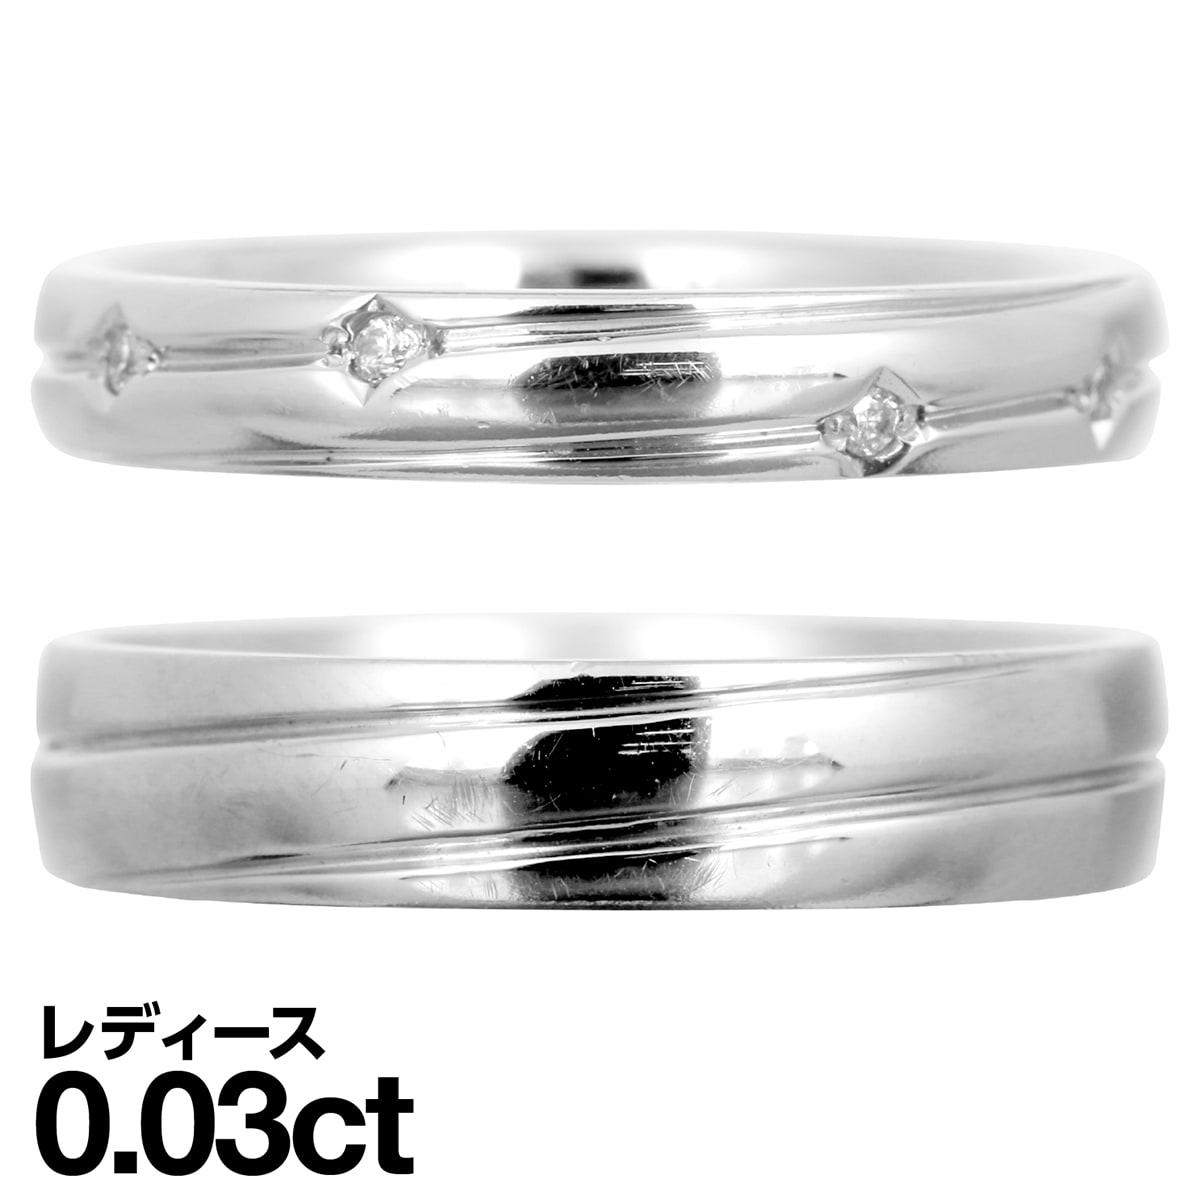 ペアリング k18 イエローゴールド/ホワイトゴールド/ピンクゴールド ダイヤモンド 2本セット 品質保証書 金属アレルギー 日本製 誕生日 ギフト